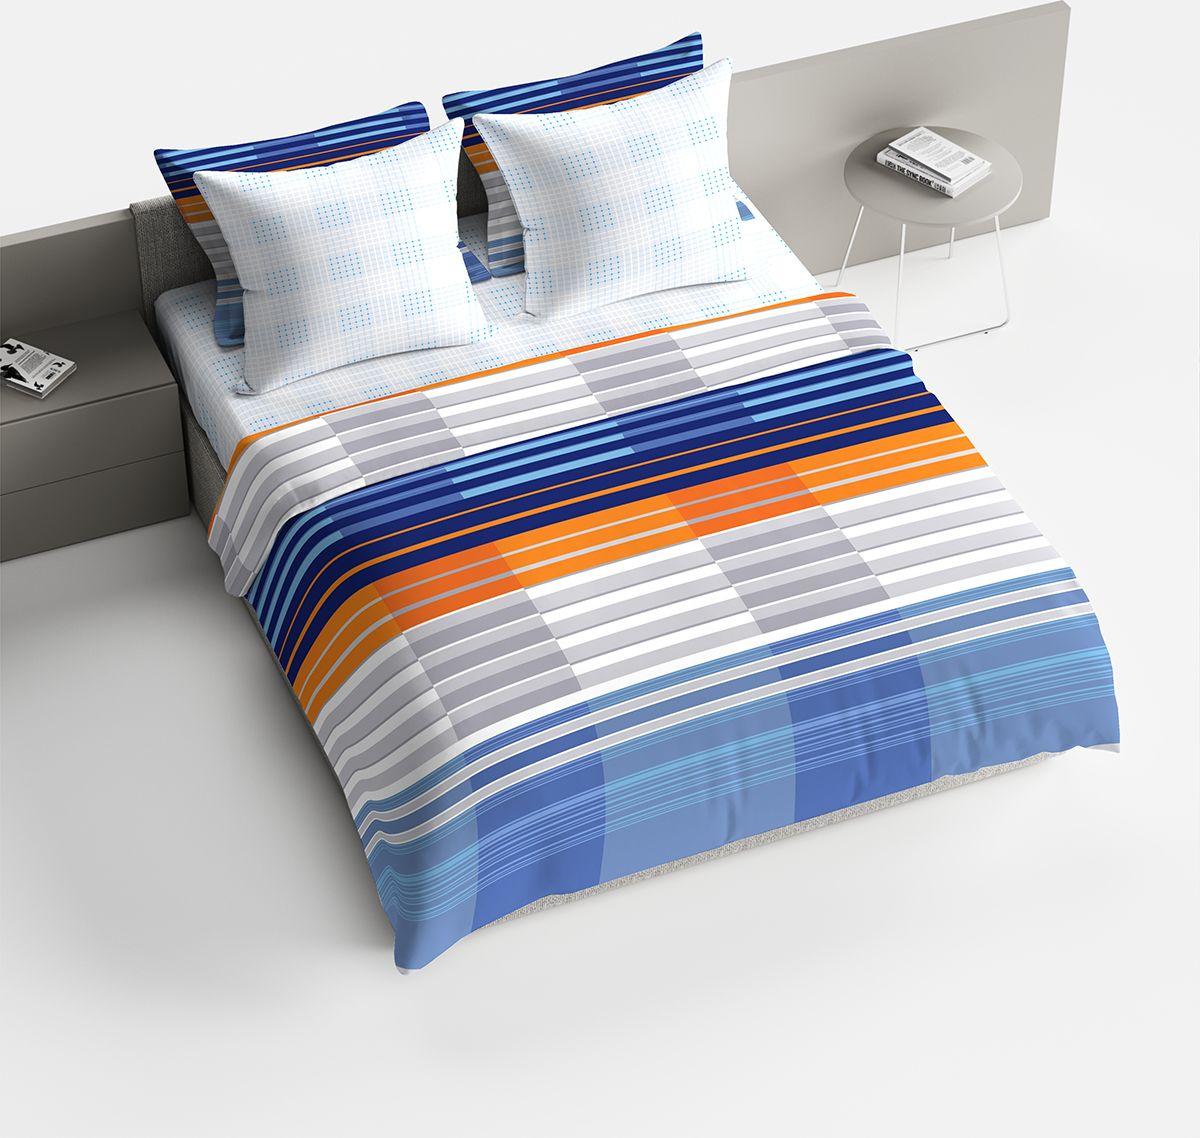 Комплект белья Браво Марино, 2-спальное, наволочки 70x70, цвет: синий74-0060Комплекты постельного белья из ткани LUX COTTON (высококачественный поплин), сотканной из длинноволокнистого египетского хлопка, созданы специально для людей с оригинальным вкусом, предпочитающим современные решения в интерьере. Обновленная стильная упаковка делает этот комплект отличным подарком. • Равноплотная ткань из 100% хлопка;• Обработана по технологии мерсеризации и санфоризации;• Мягкая и нежная на ощупь;• Устойчива к трению;• Обладает высокими показателями гигроскопичности (впитывает влагу);• Выдерживает частые стирки, сохраняя первоначальные цвет, форму и размеры;• Безопасные красители ведущего немецкого производителя BEZEMA